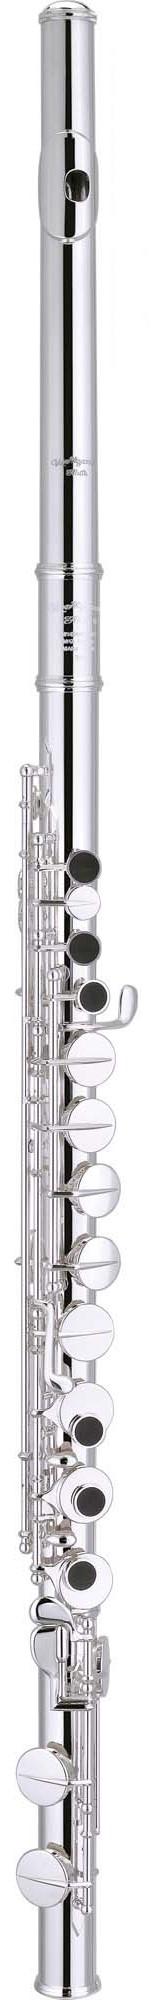 Miyazawa - ASH-E - gerade - Holzblasinstrumente - Alt-Flöten | MUSIK BERTRAM Deutschland Freiburg